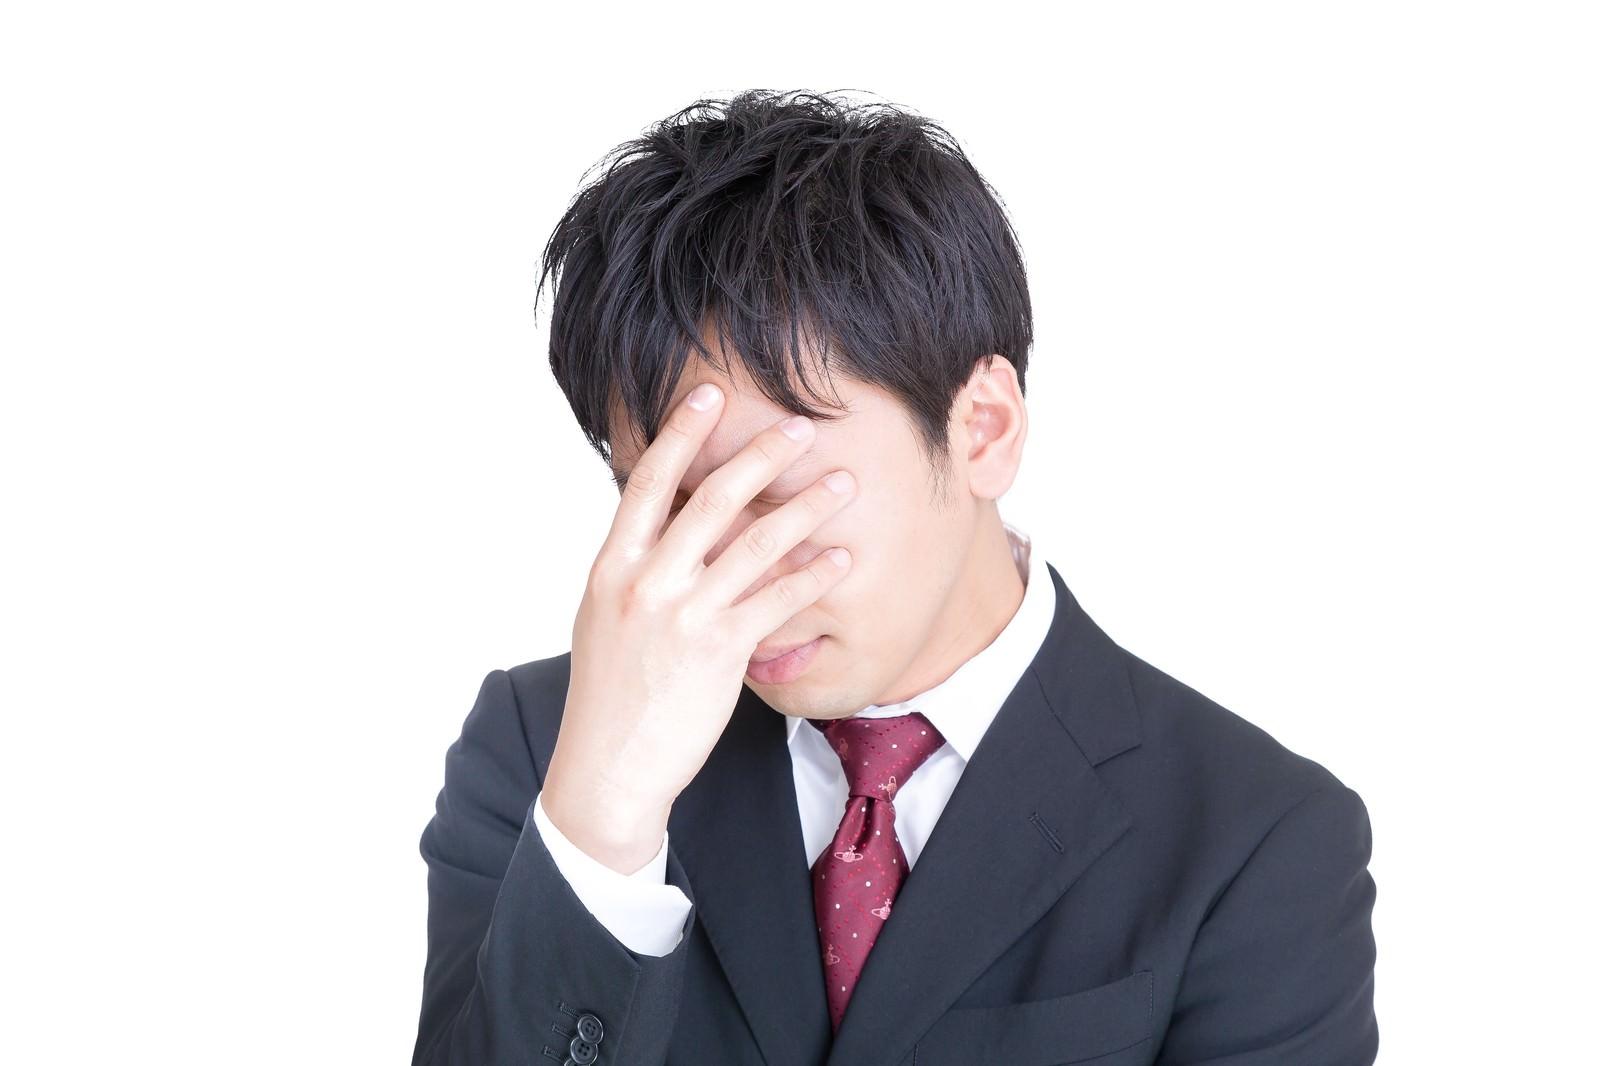 頭を抱えてひどく落ち込む男性の写真(画像)を無料ダウンロード ...